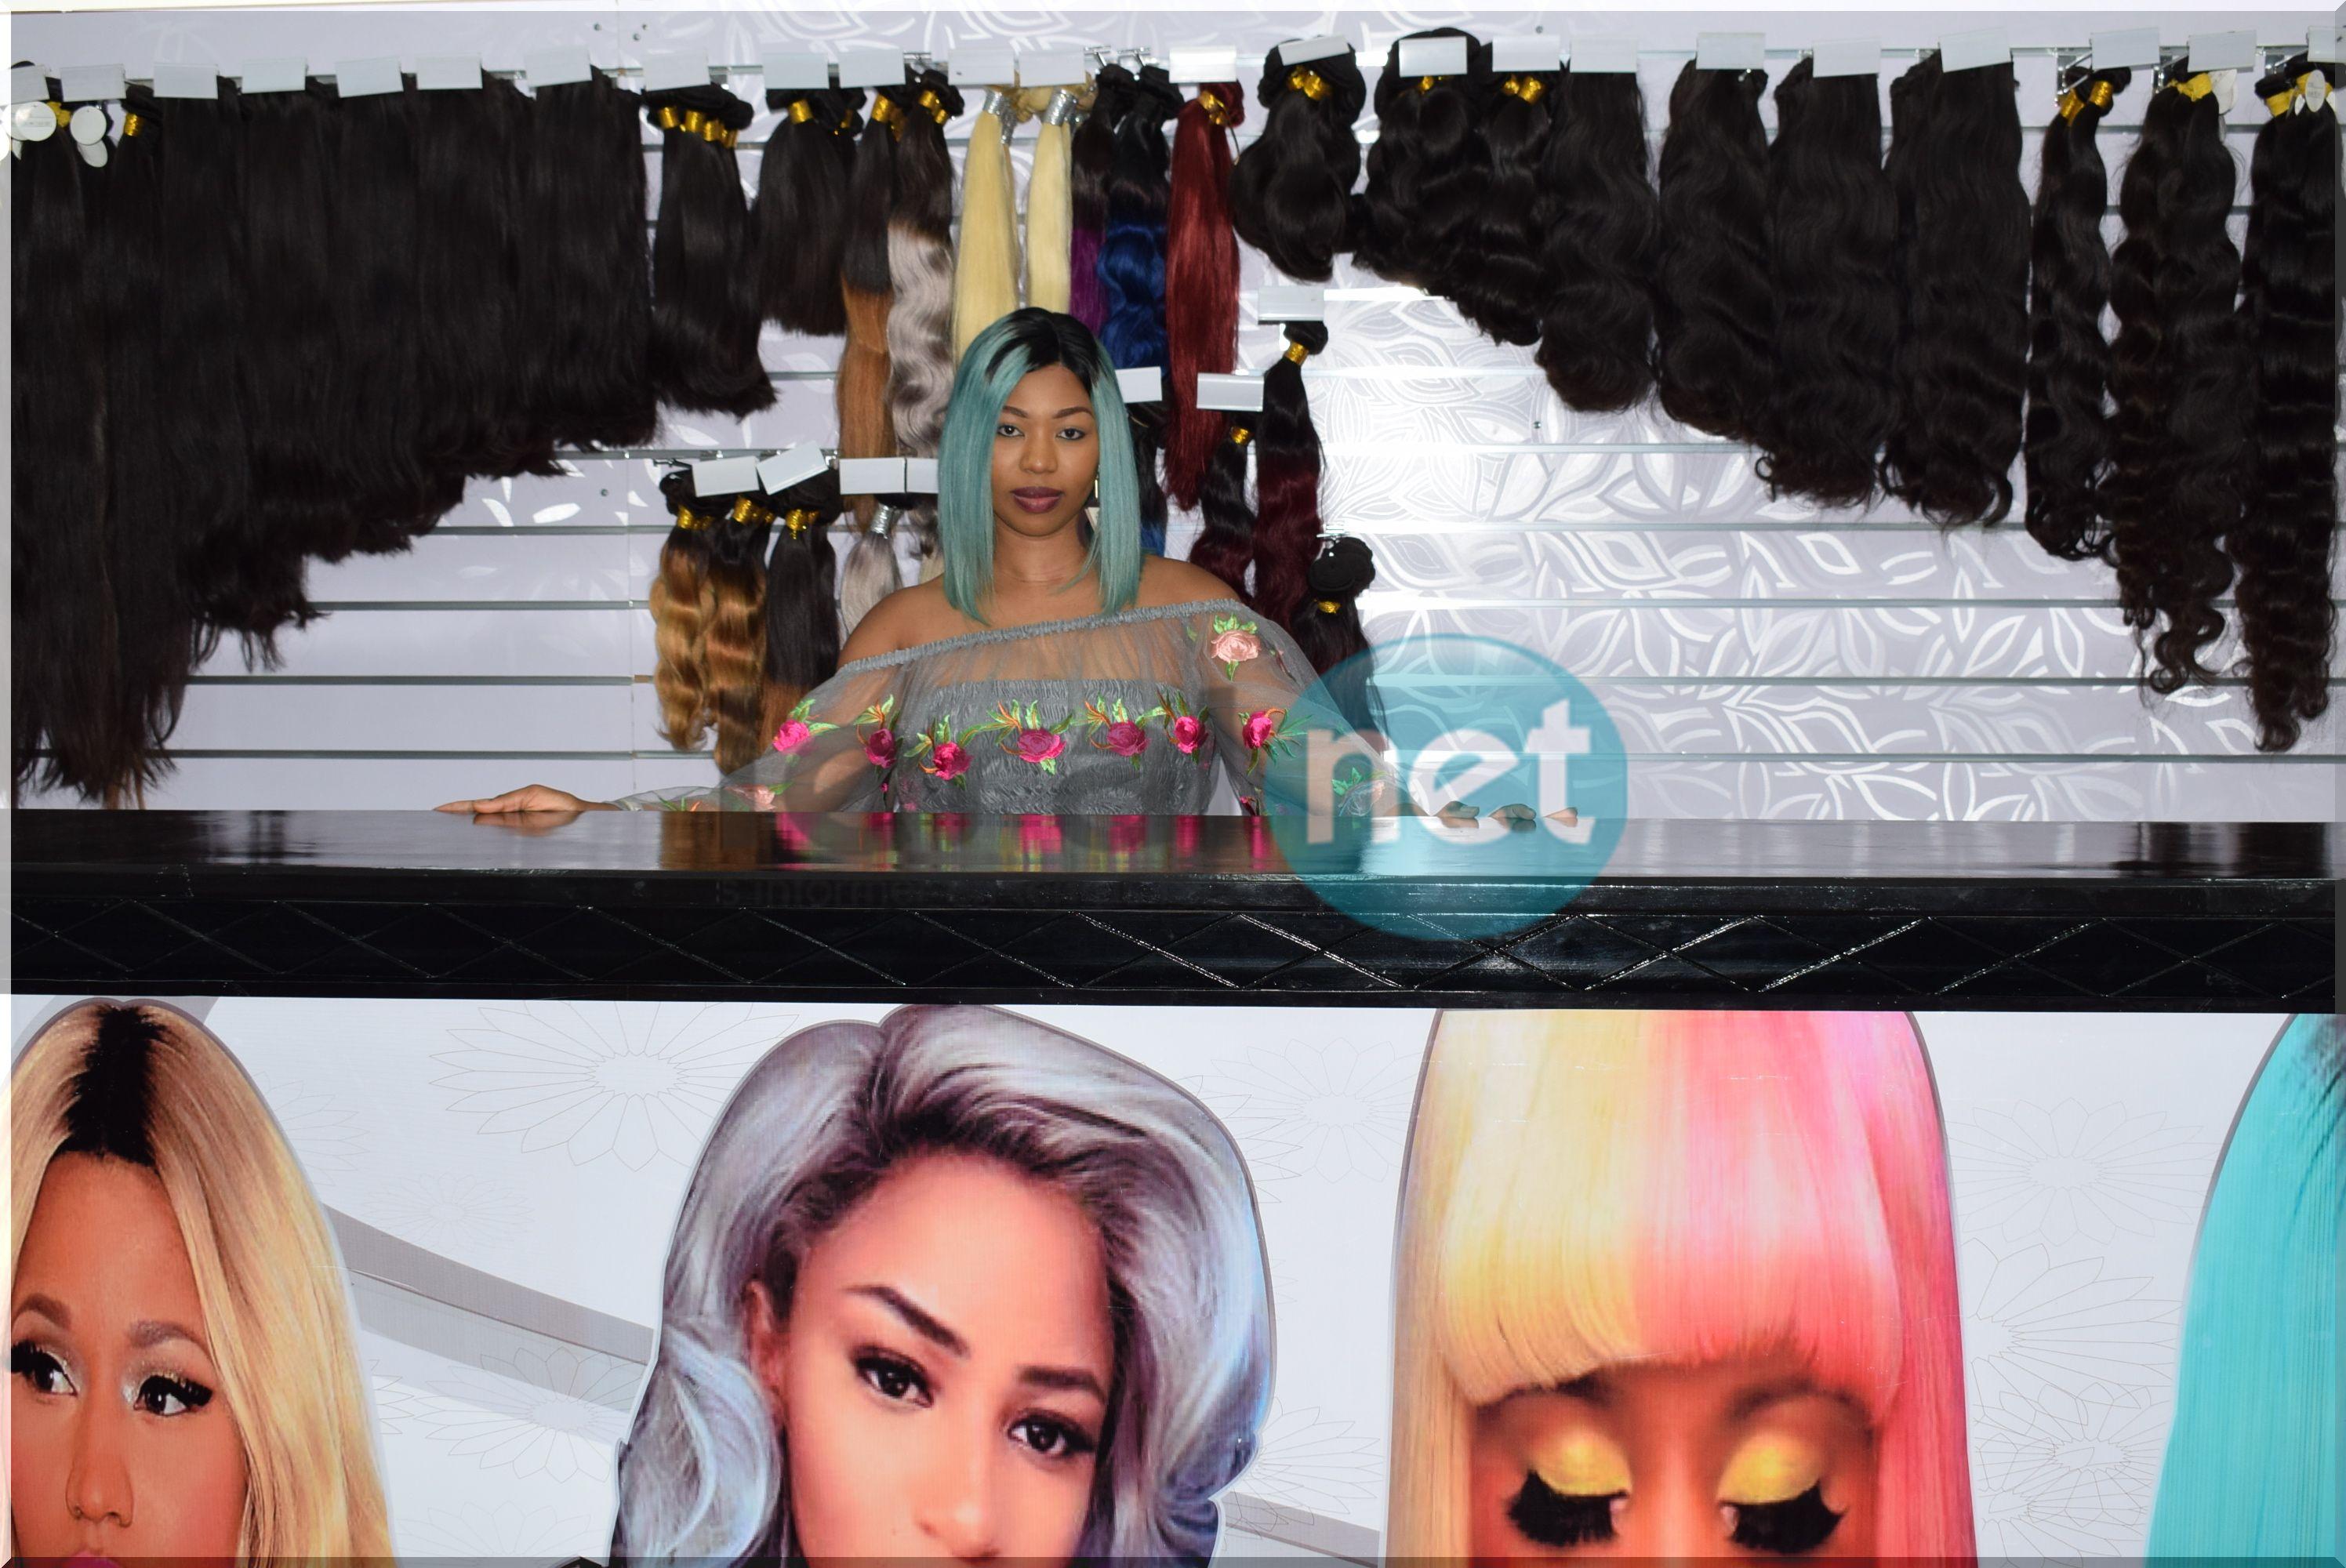 Taco afro coiffure un salon de coiffure afro et d for Salon de coiffure afro chateau d eau